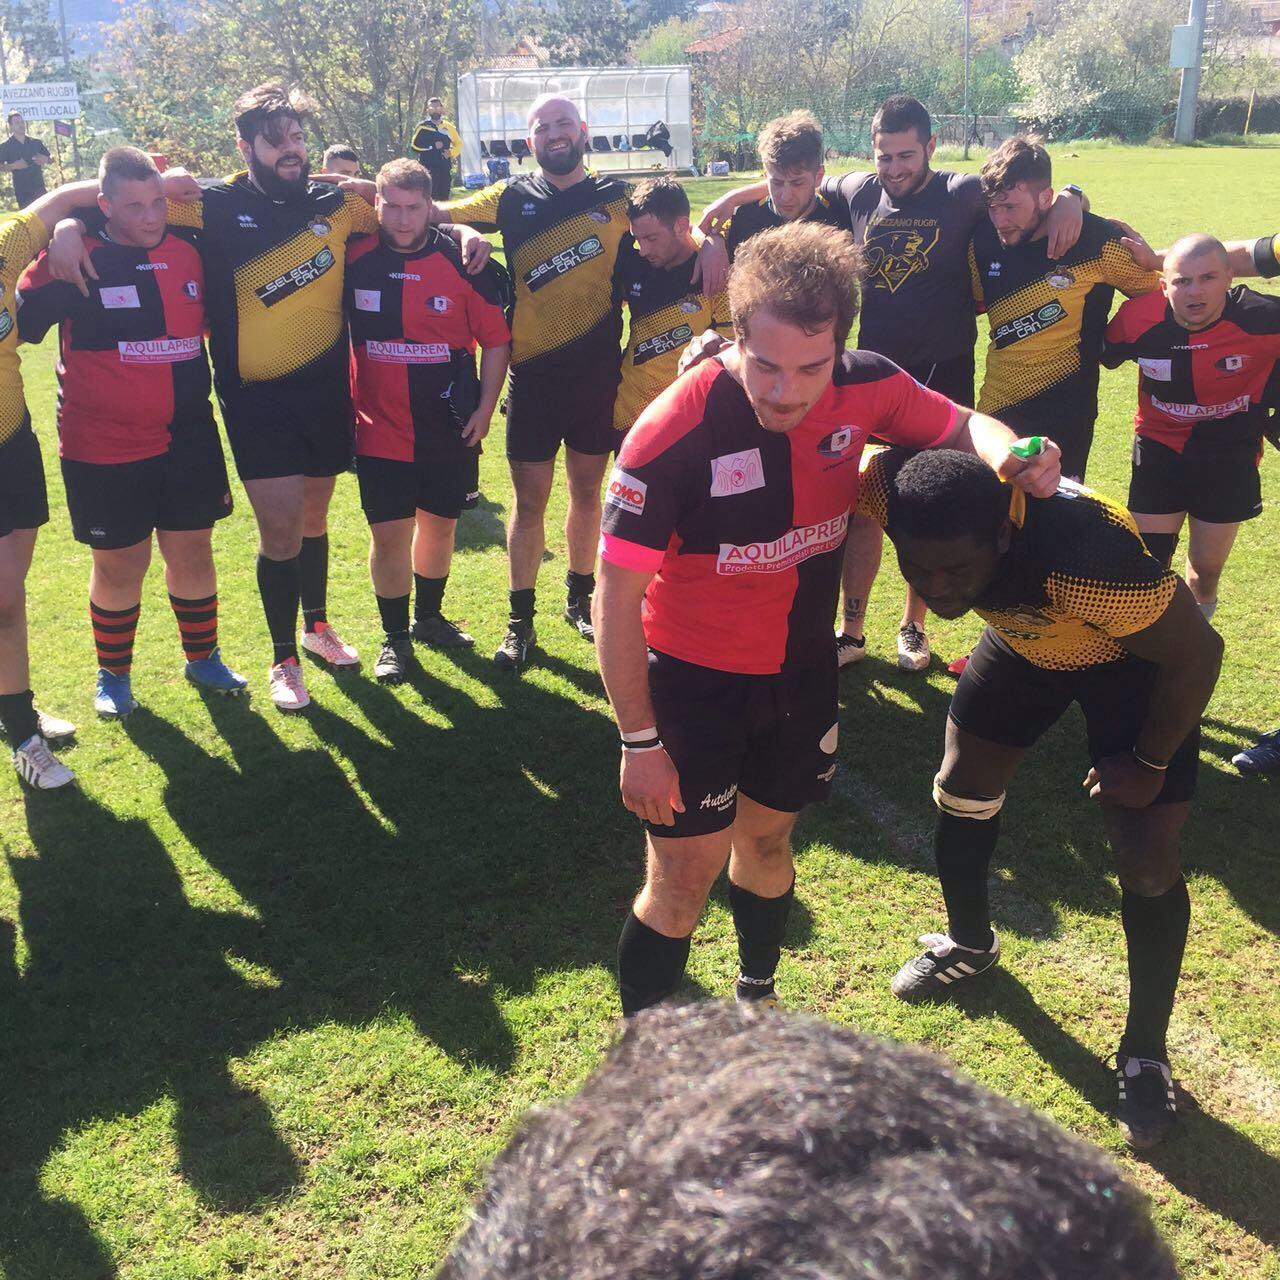 Vittoria schiacciante per l'Avezzano Rugby contro il Paganica